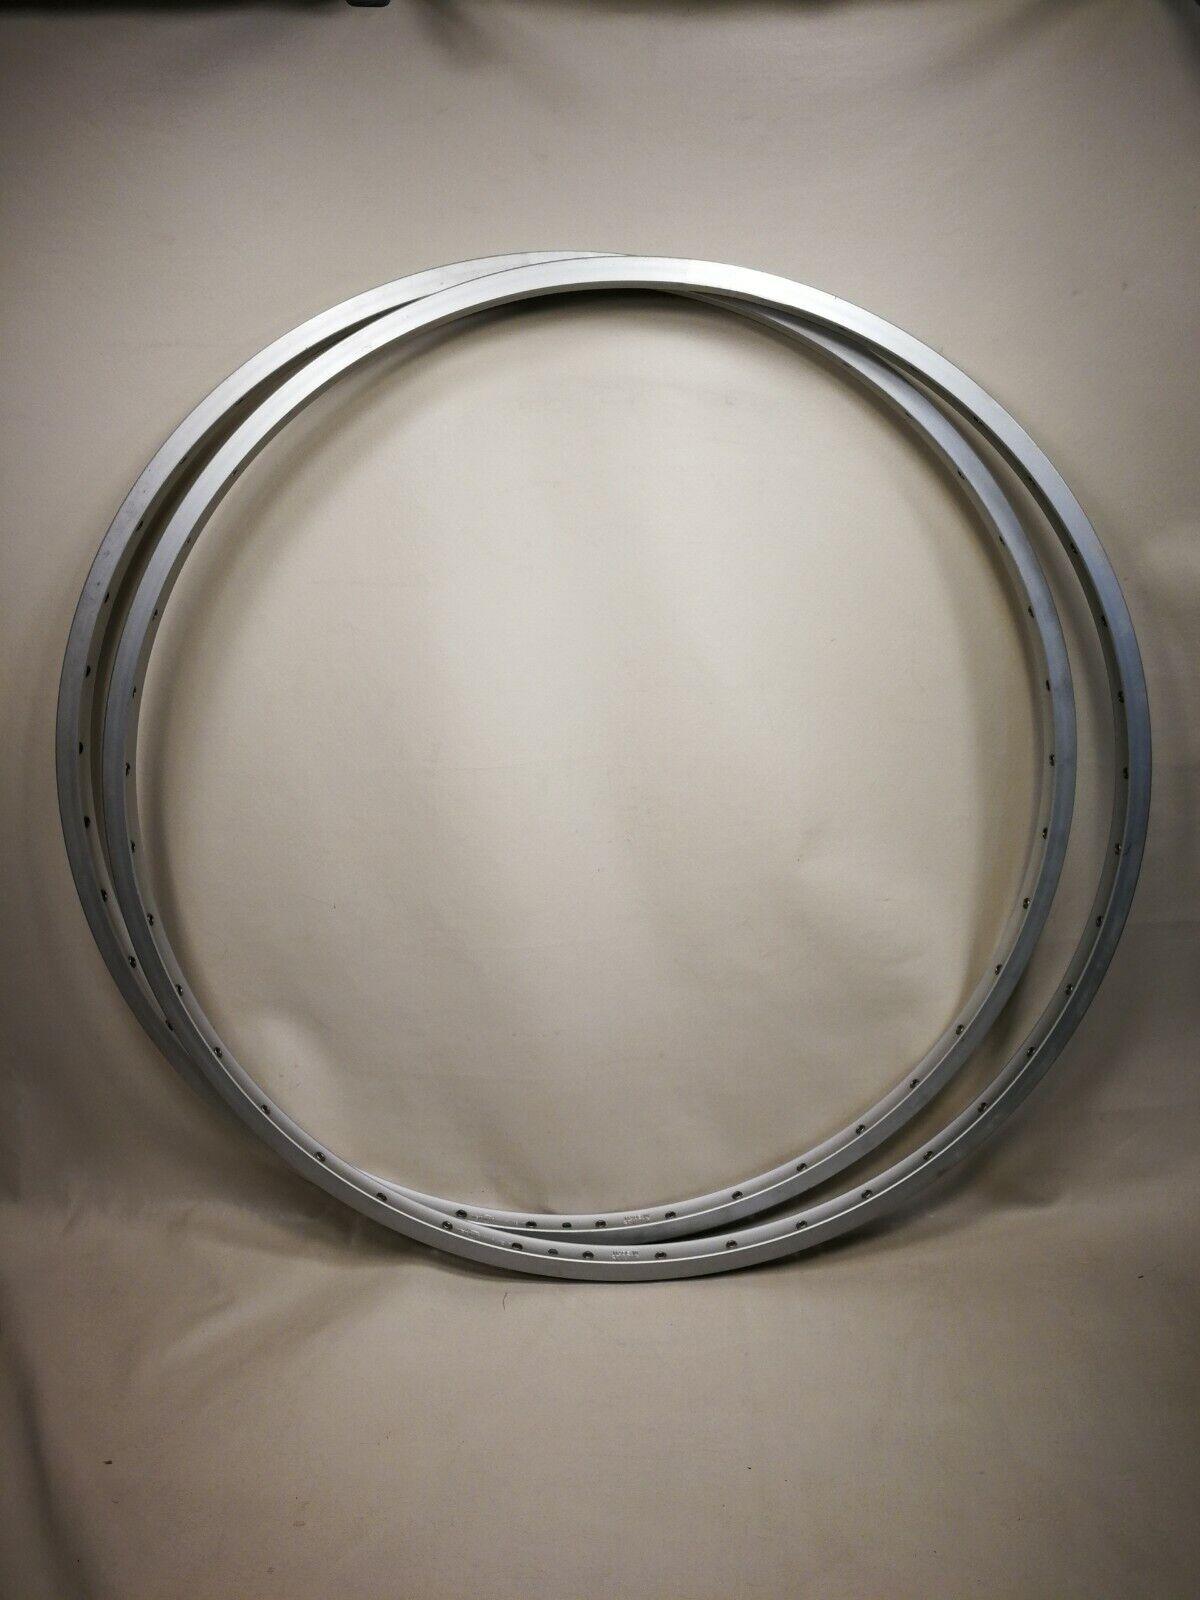 Weinmann 'Concave' 40H 27  Tandem or Touring Rim Pair Rare